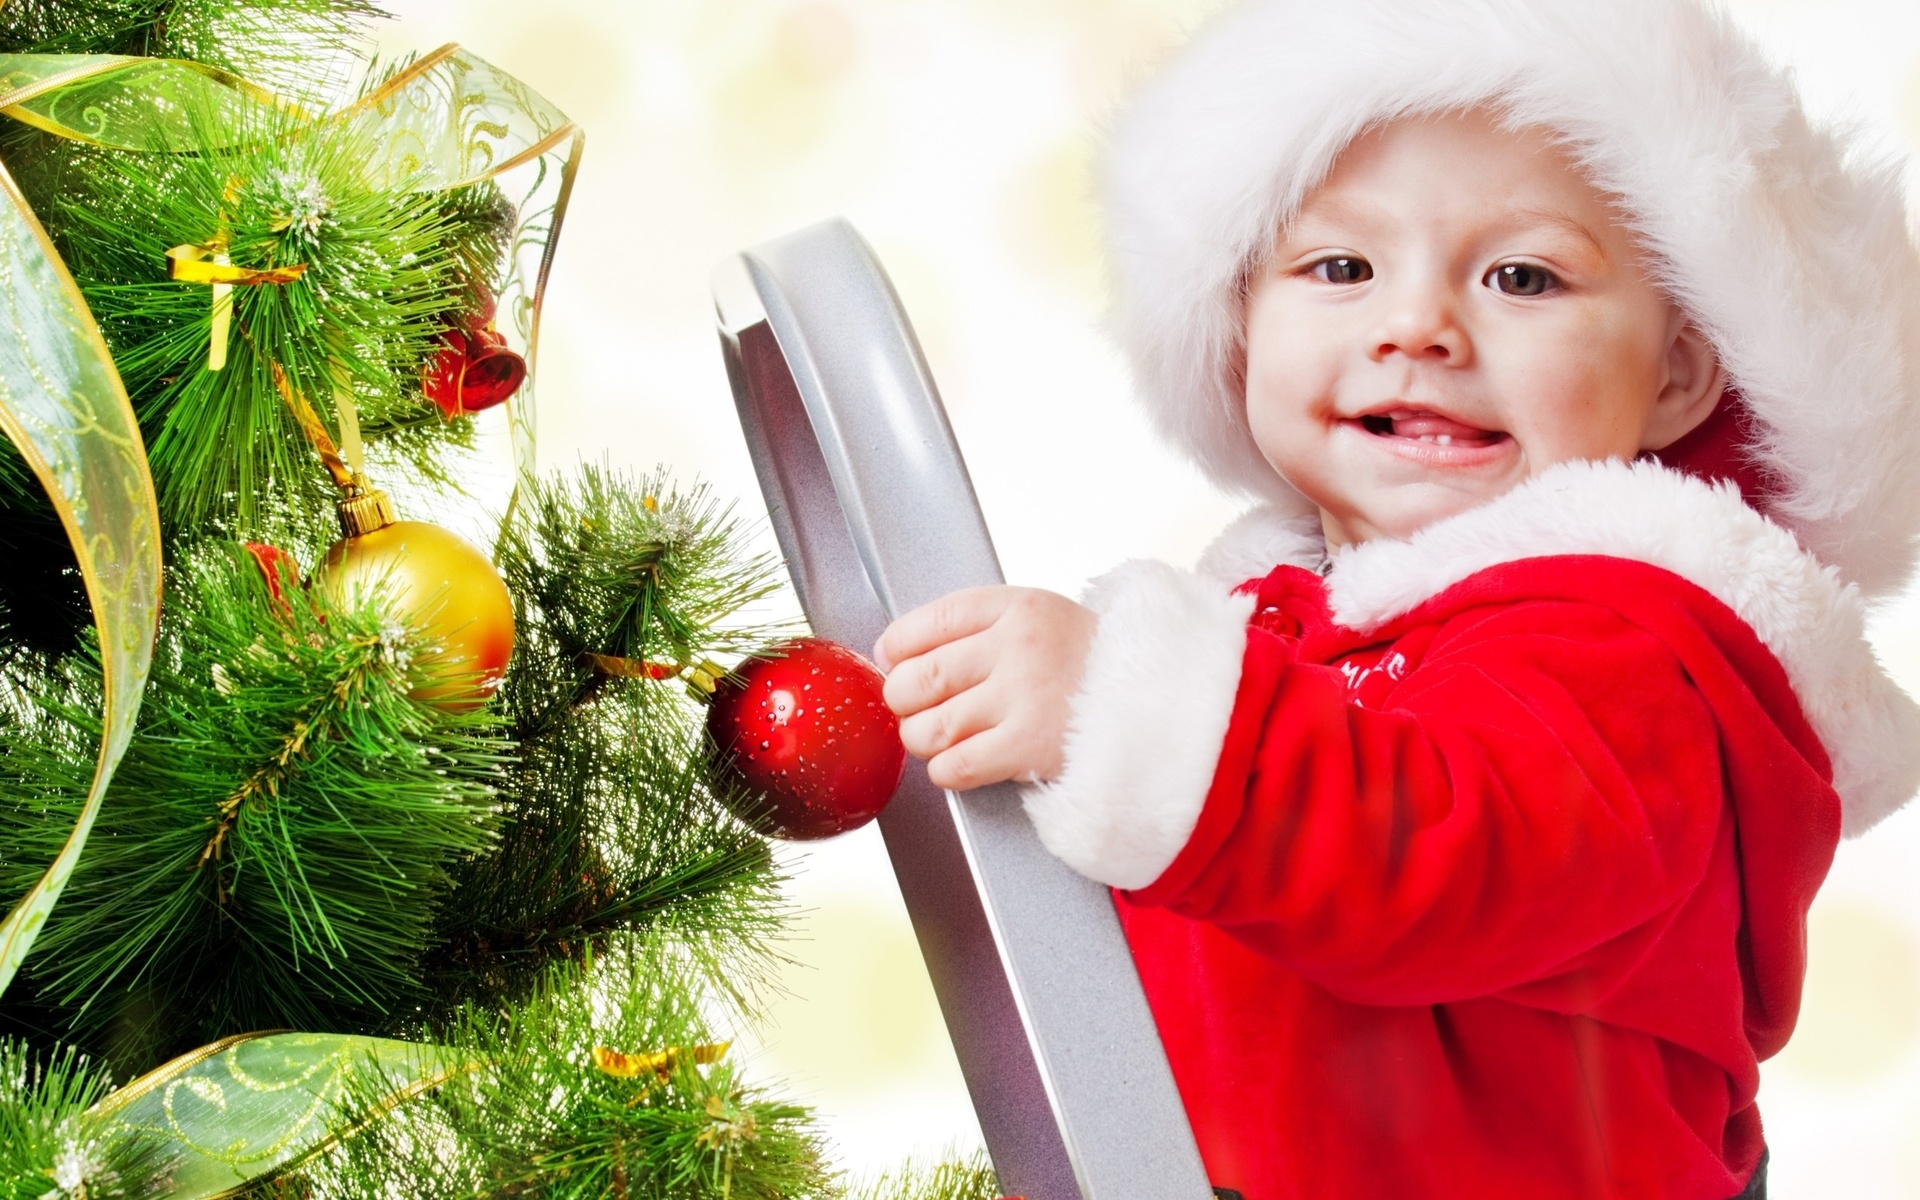 Картинки спряталась, новый год дети картинки